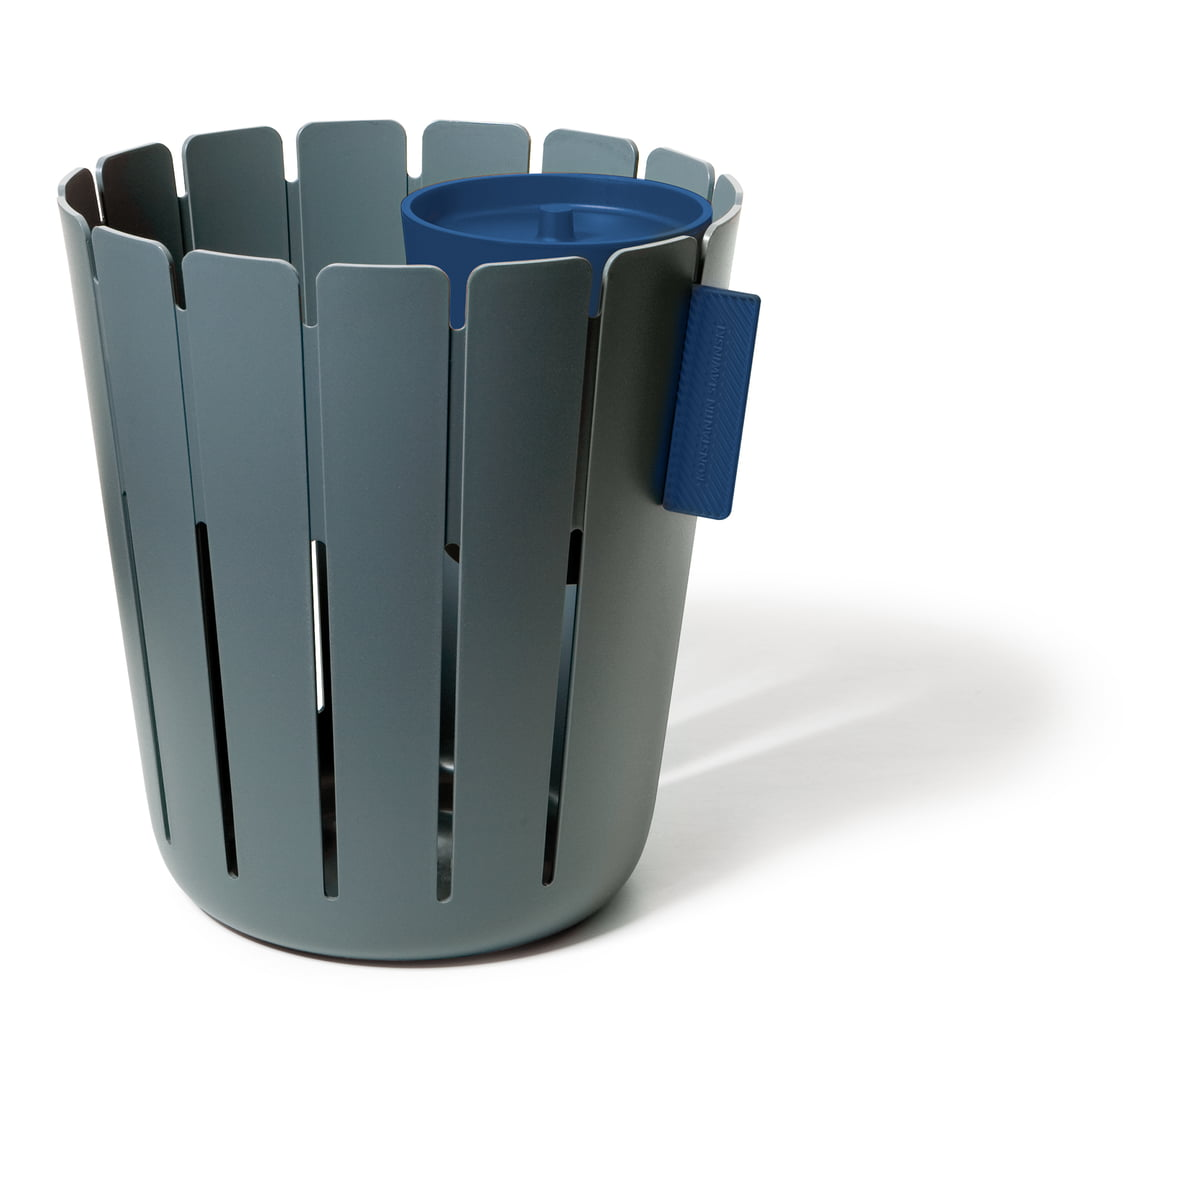 Mülleimer online kaufen | Möbel-Suchmaschine | ladendirekt.de